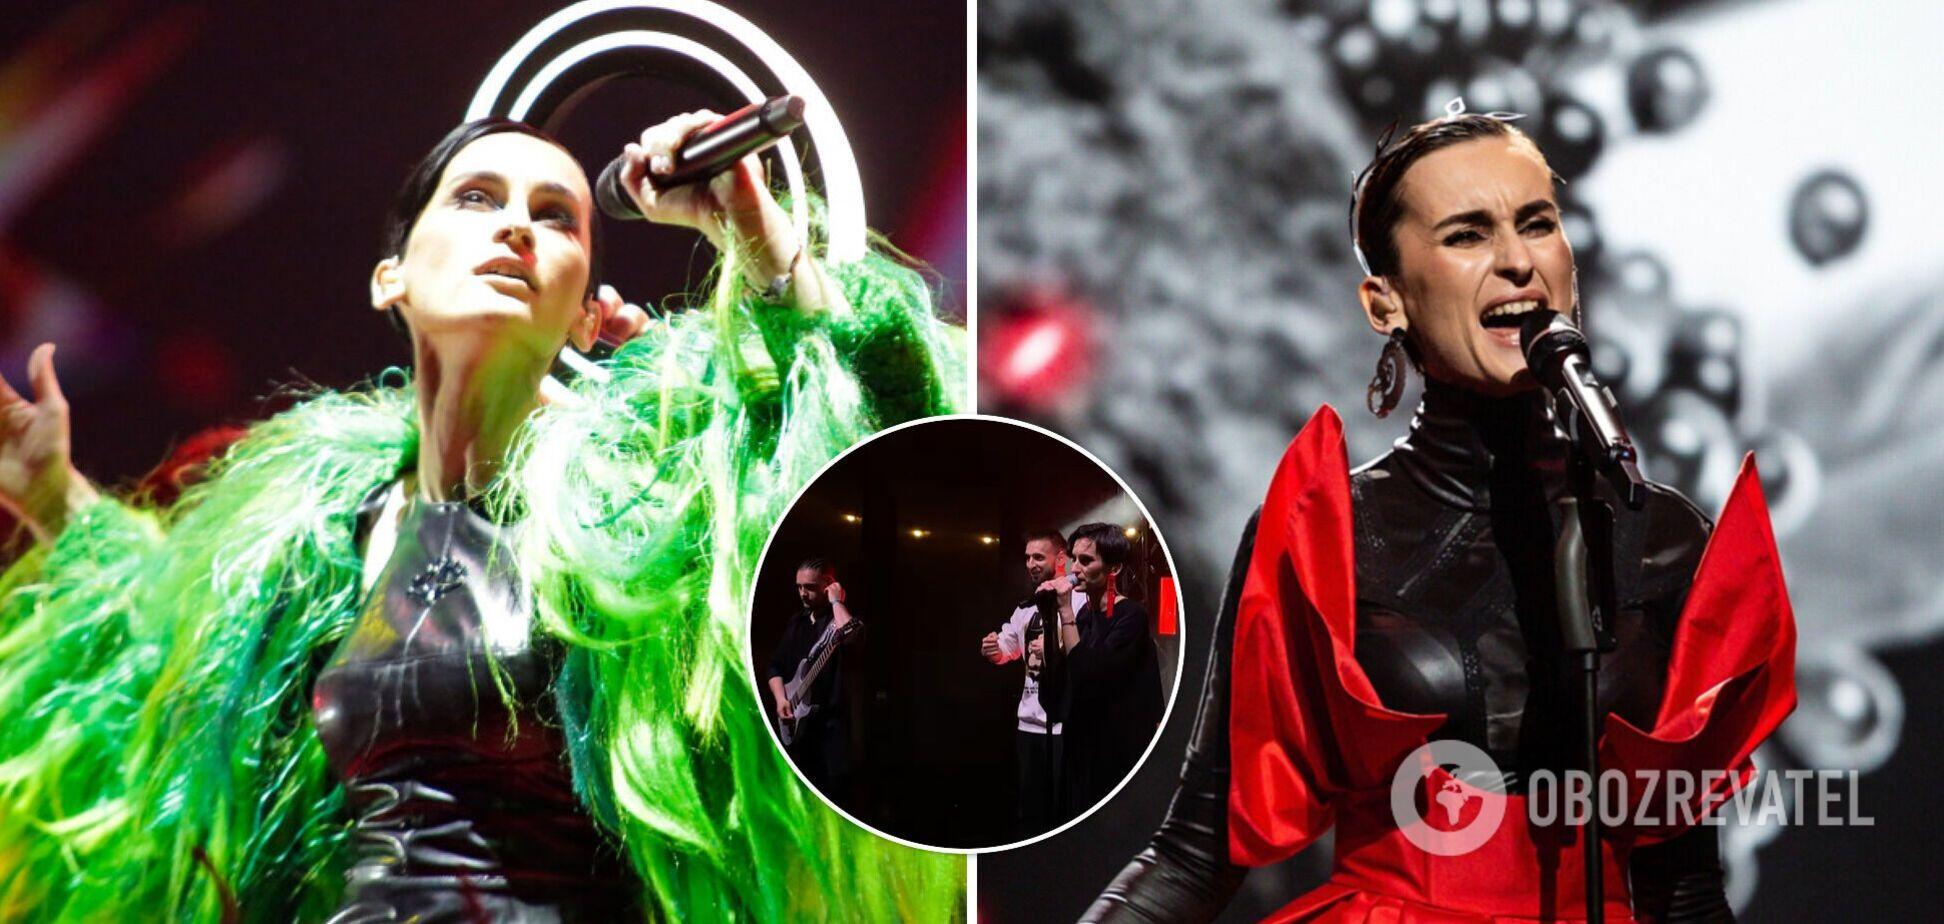 Группа Go_A впервые исполнила SHUM после успеха на Евровидении 2021. Видео